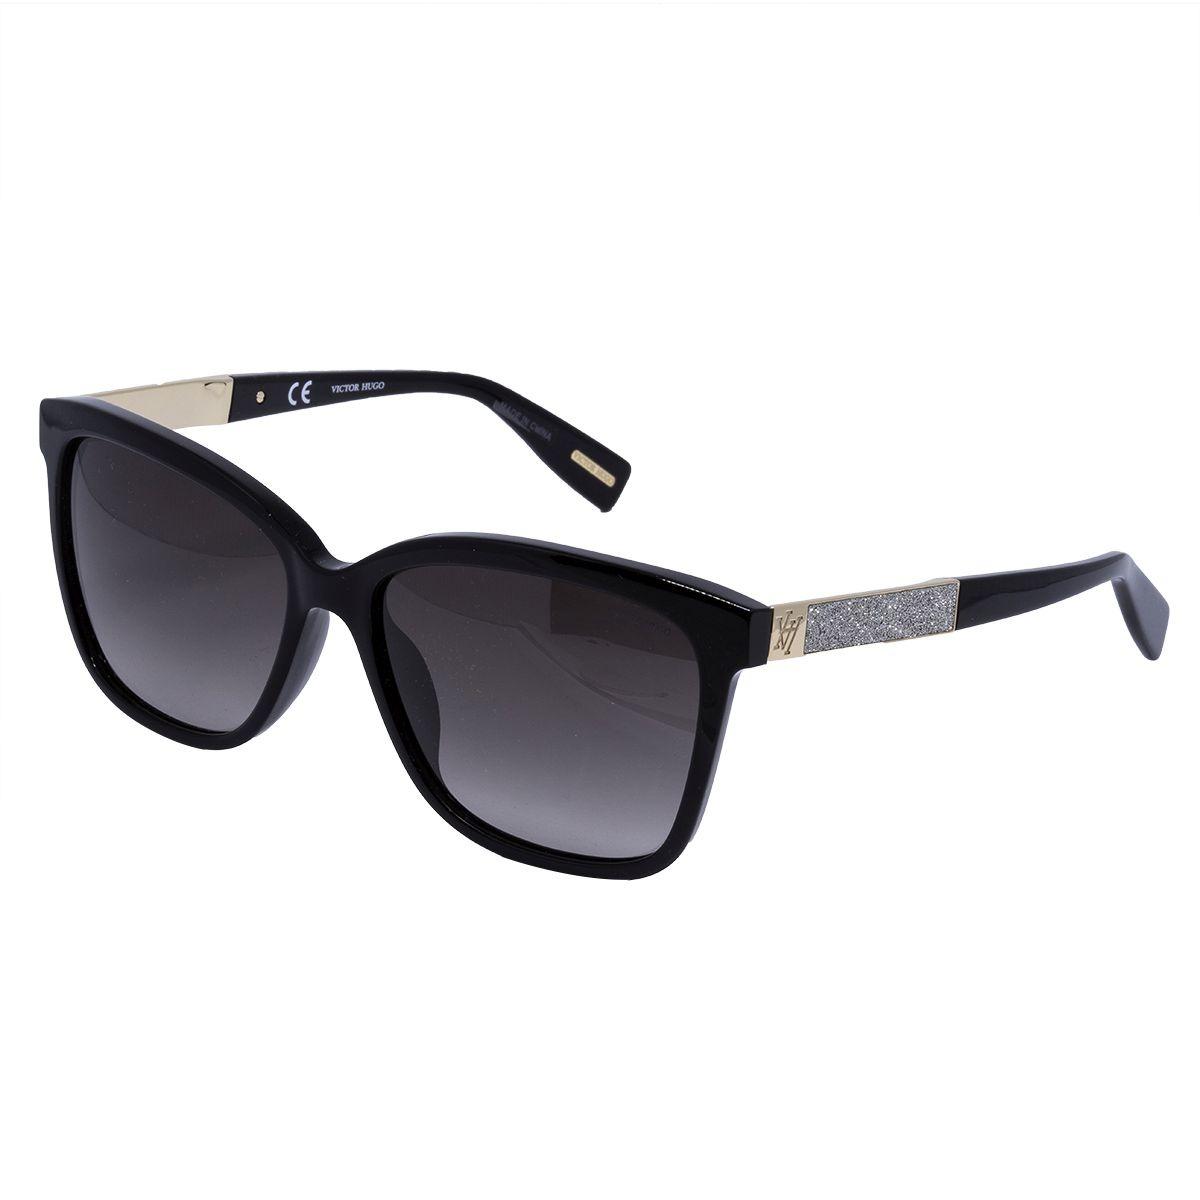 b07df6a3be2cf óculos de sol victor hugo original feminino sh1748. Carregando zoom.